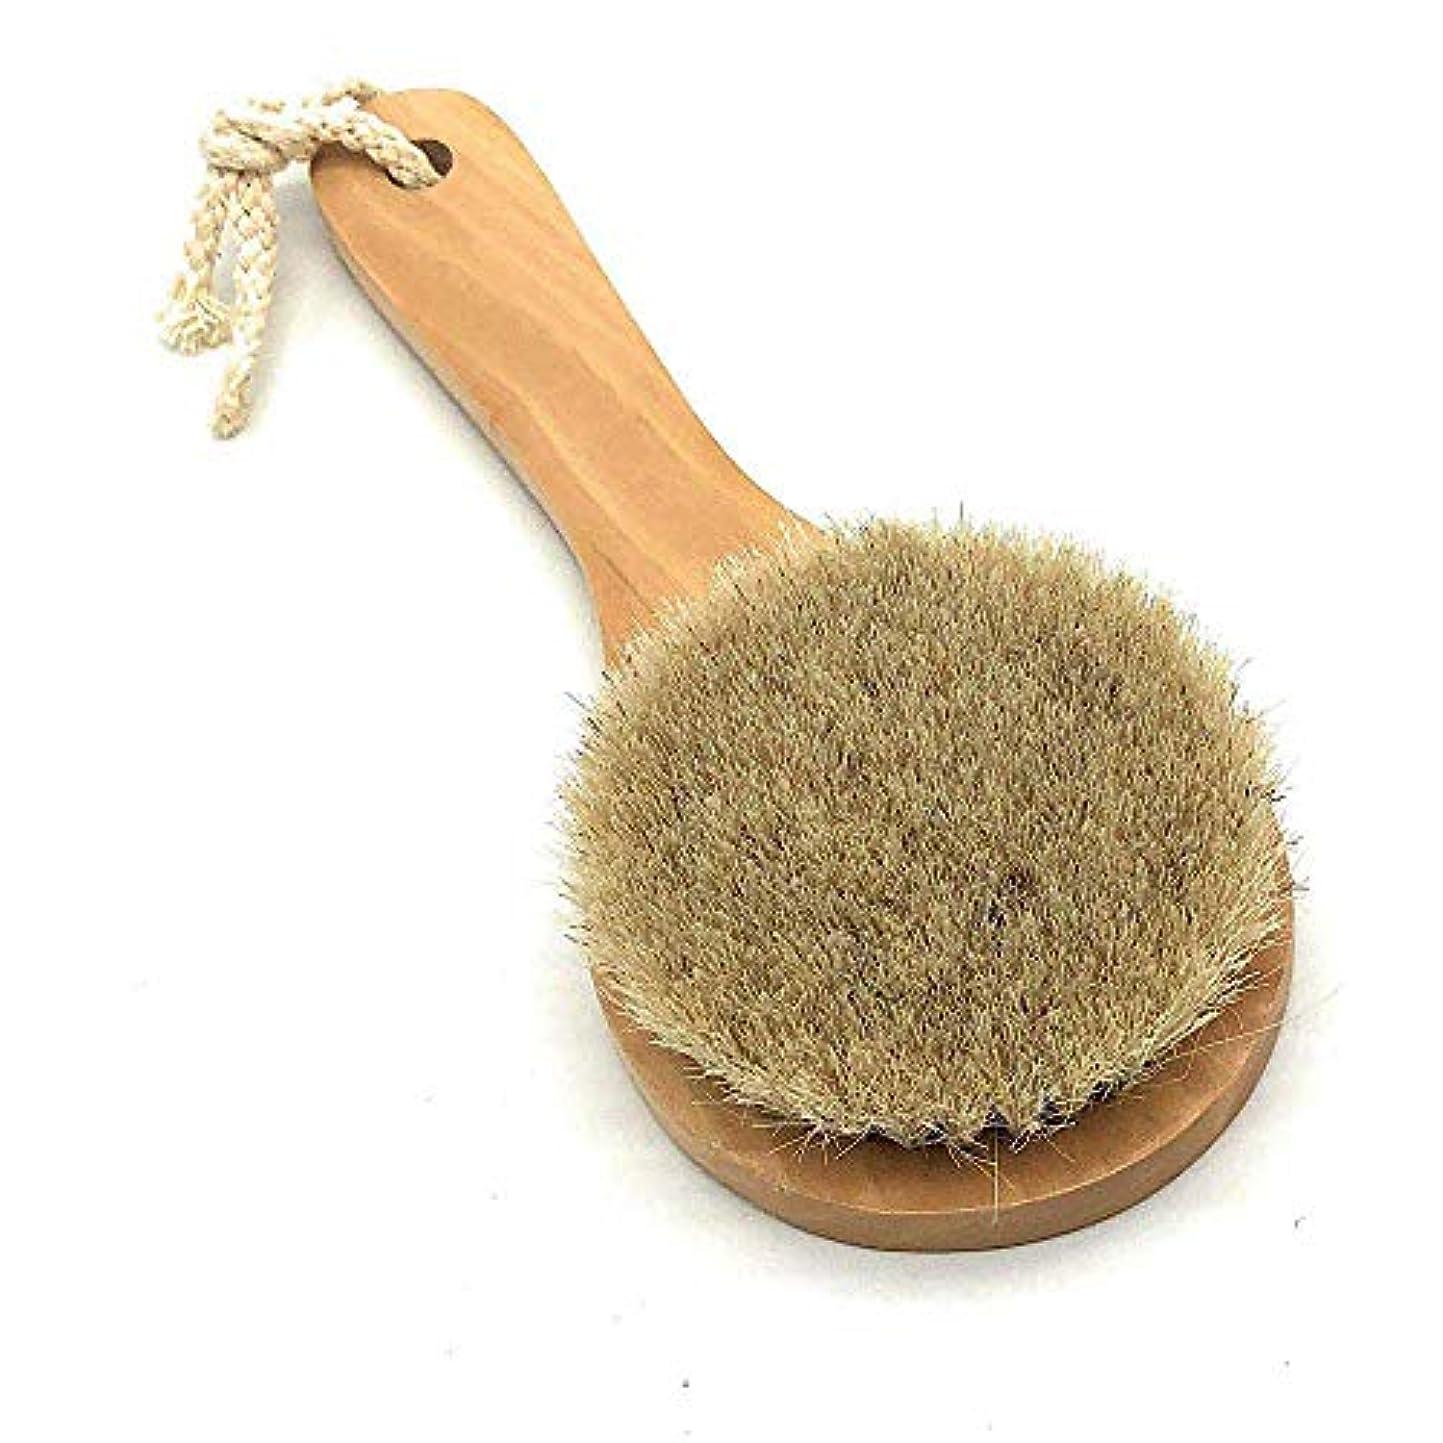 不器用セールスマン遺跡馬毛ボディブラシ 木製 短柄 足を洗う お風呂用 体洗い 女性 角質除去 柔らかい 美肌 (馬毛ボディブラシ)